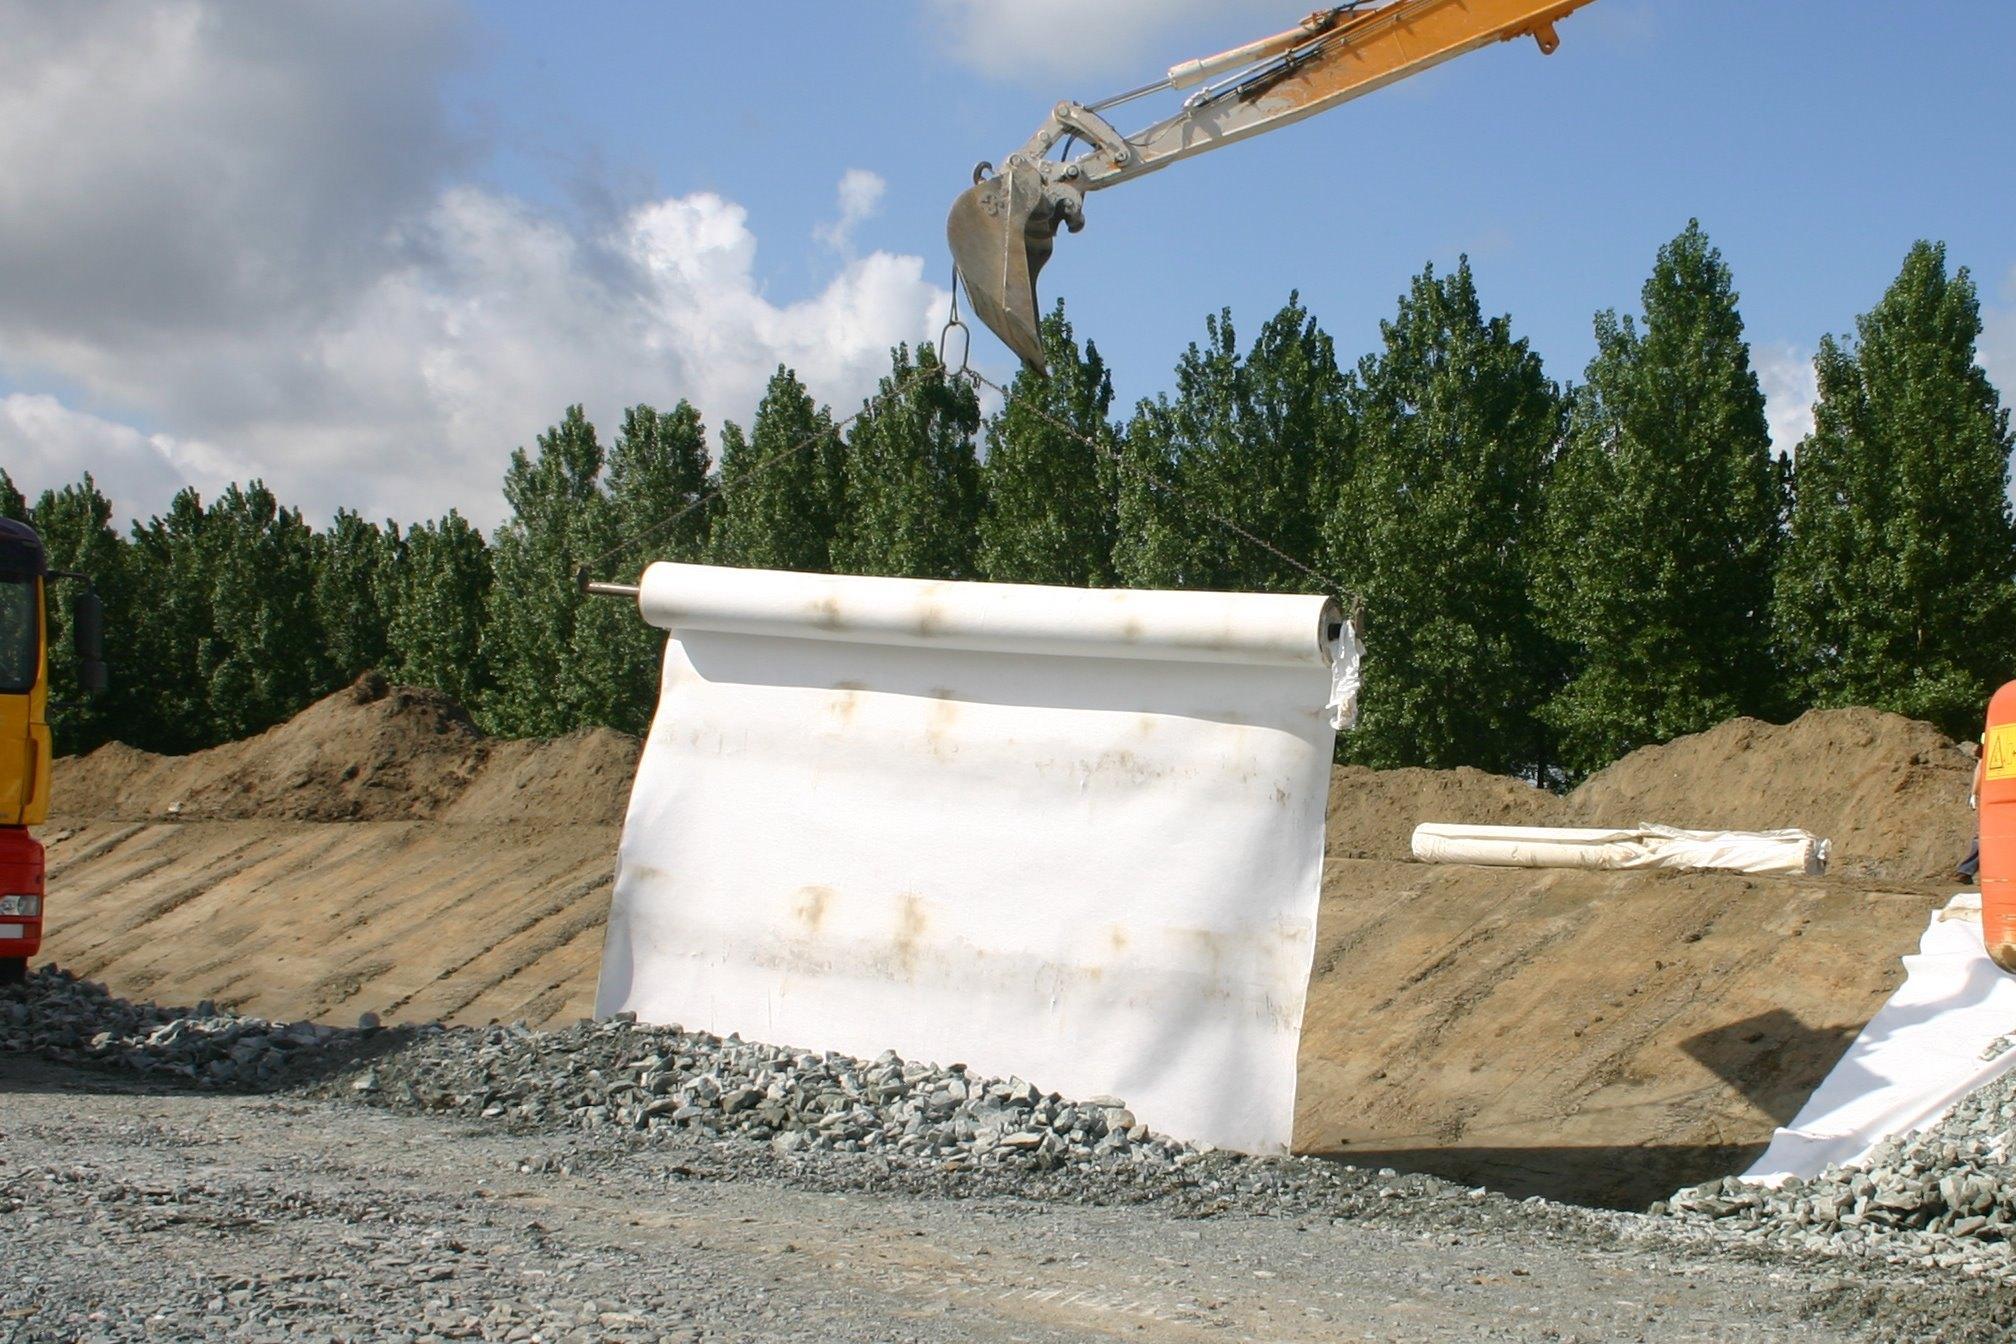 railway tunnel construction Liefkenshoek Belgium